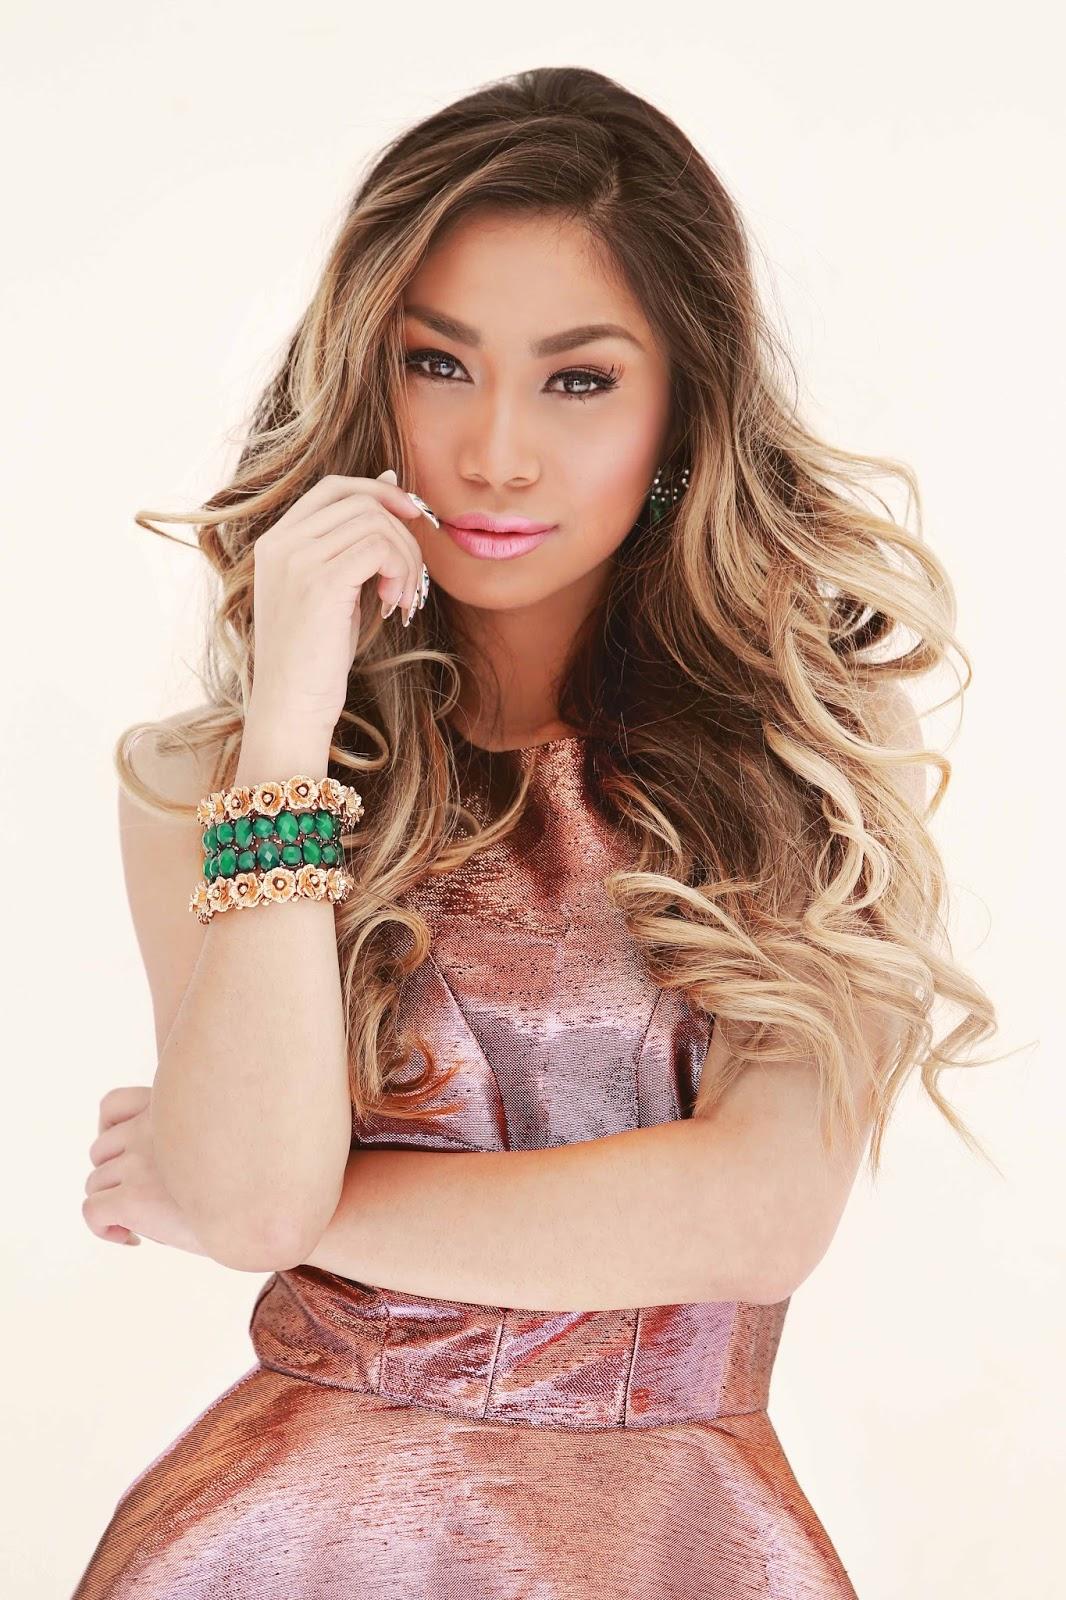 images Jessica Sanchez